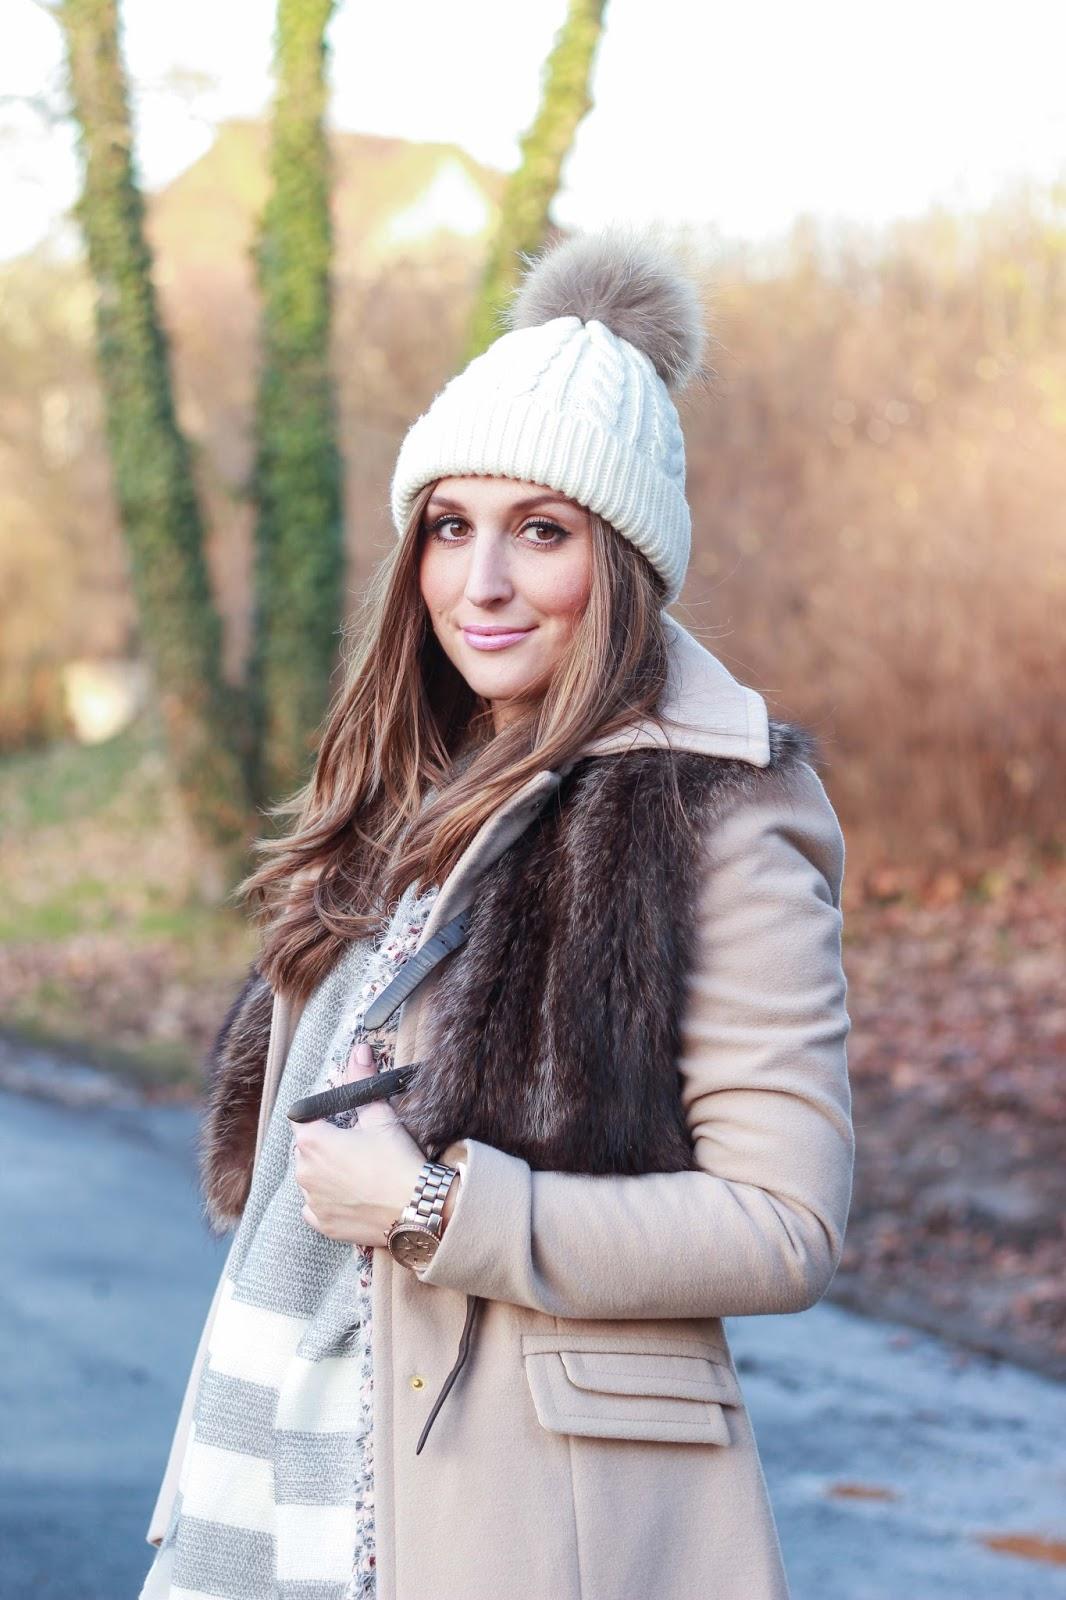 German Fashionblogger - Fashionblogger aus Deutschland - Furla Sonnenbrille - Fashionstylebyjohanna - Blog - Bloggerin -German Fashionblog - Peter Kaiser Stiefel